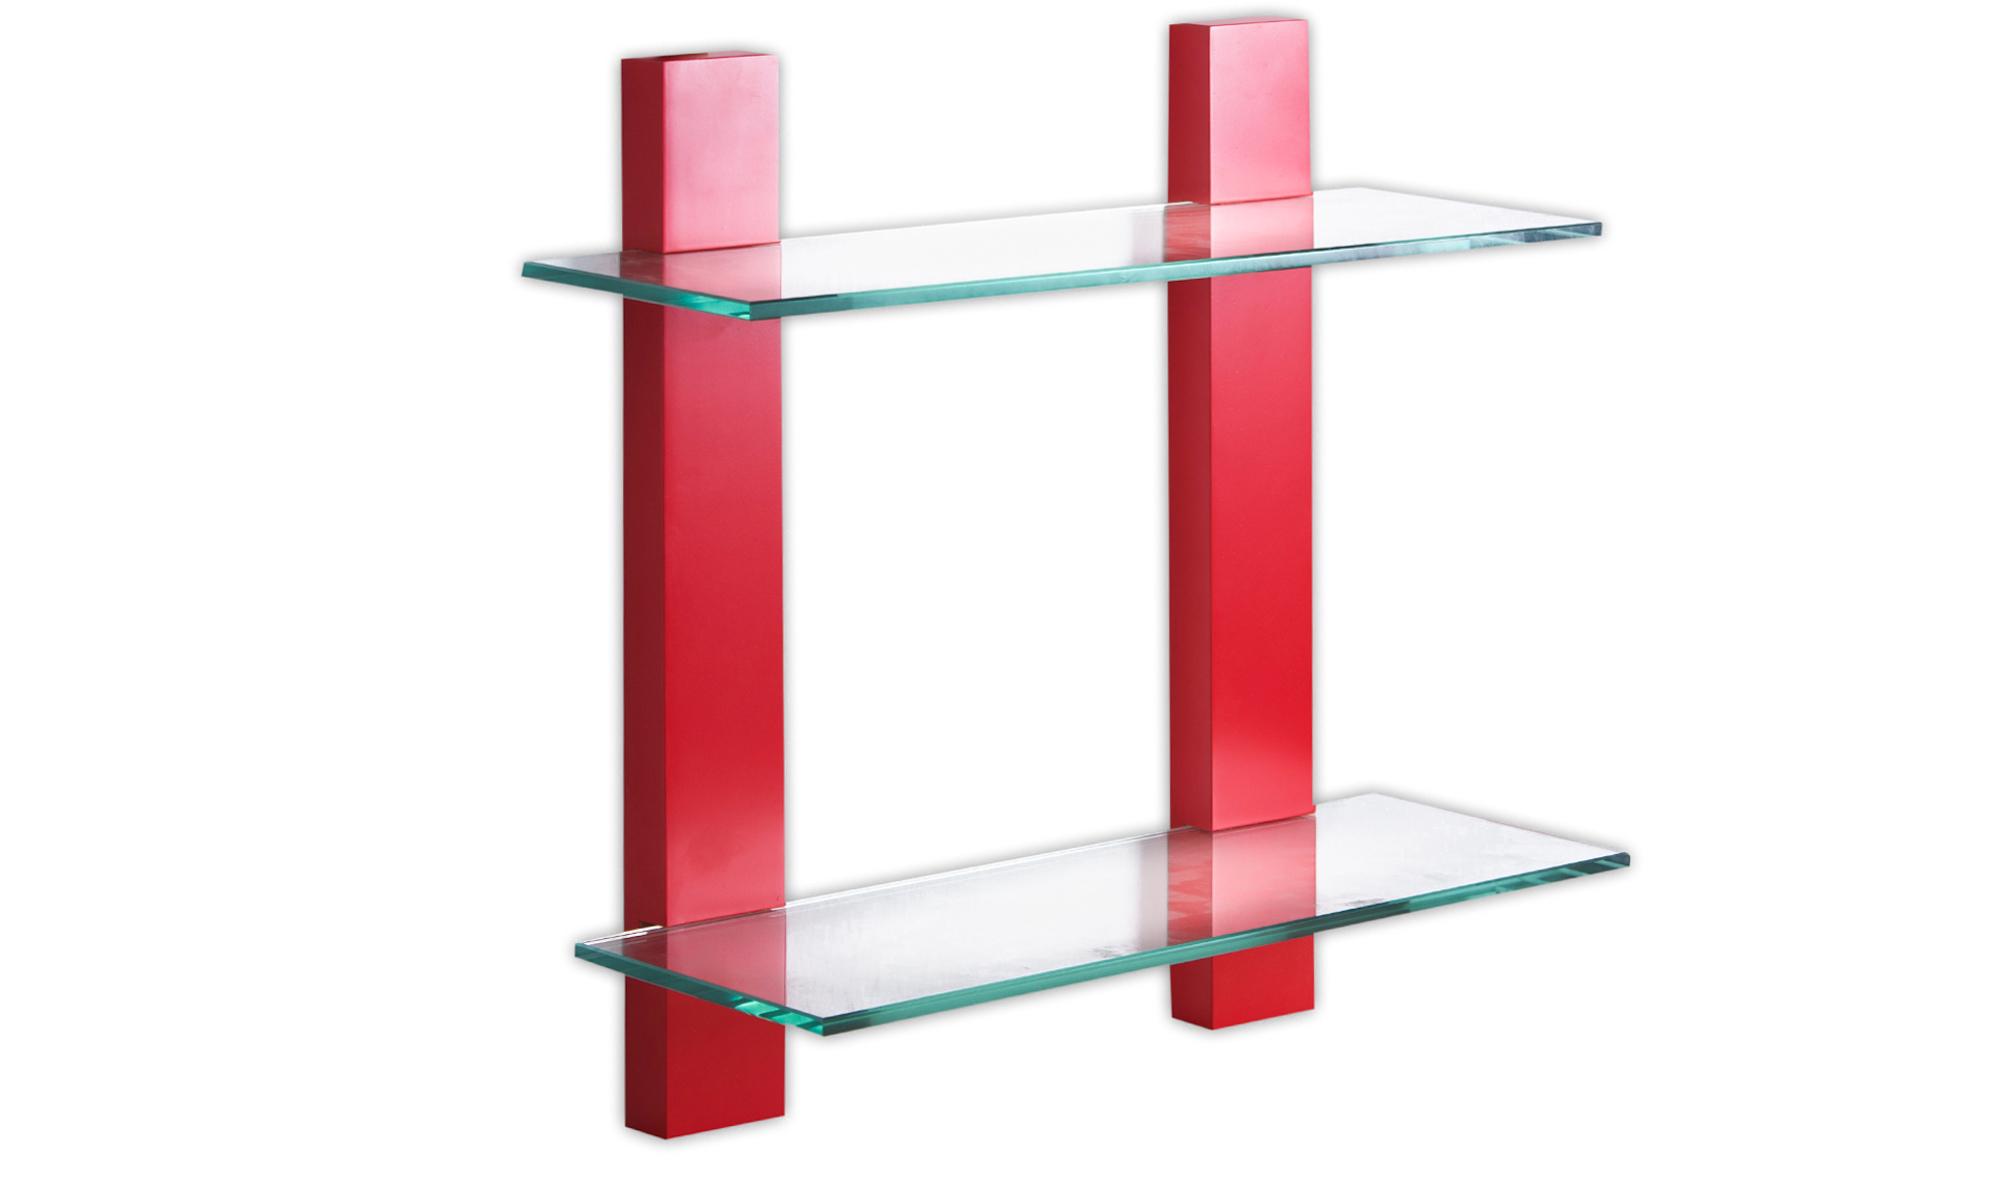 Estanter a roja con cristal 2 estantes en - Estanterias con cristal ...